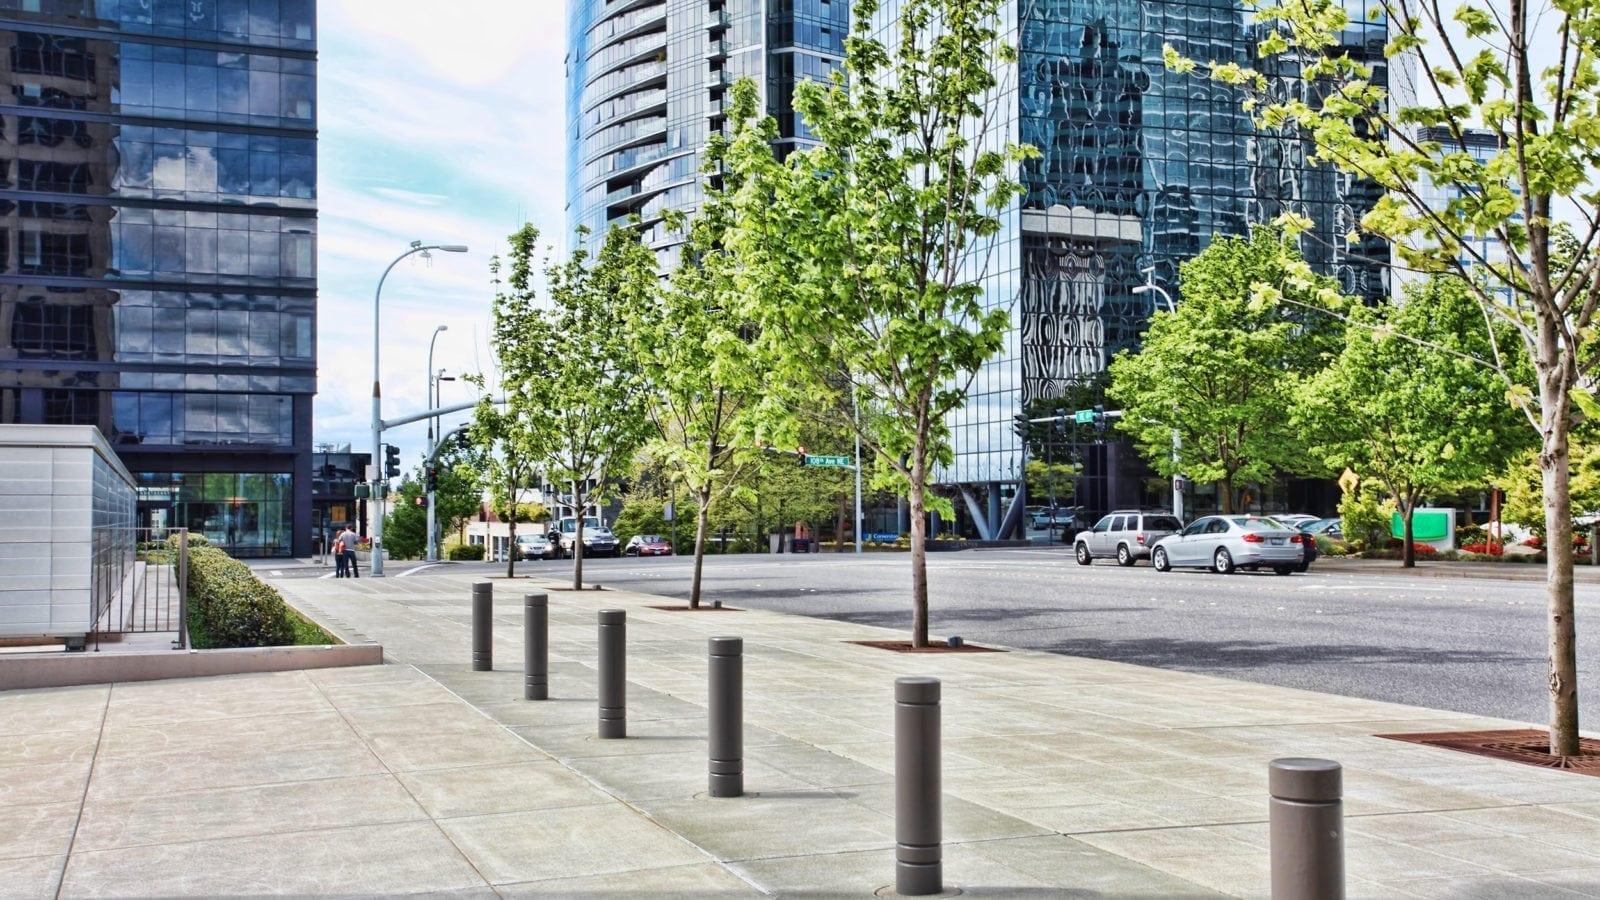 Empty City Sidewalk Stock Photo